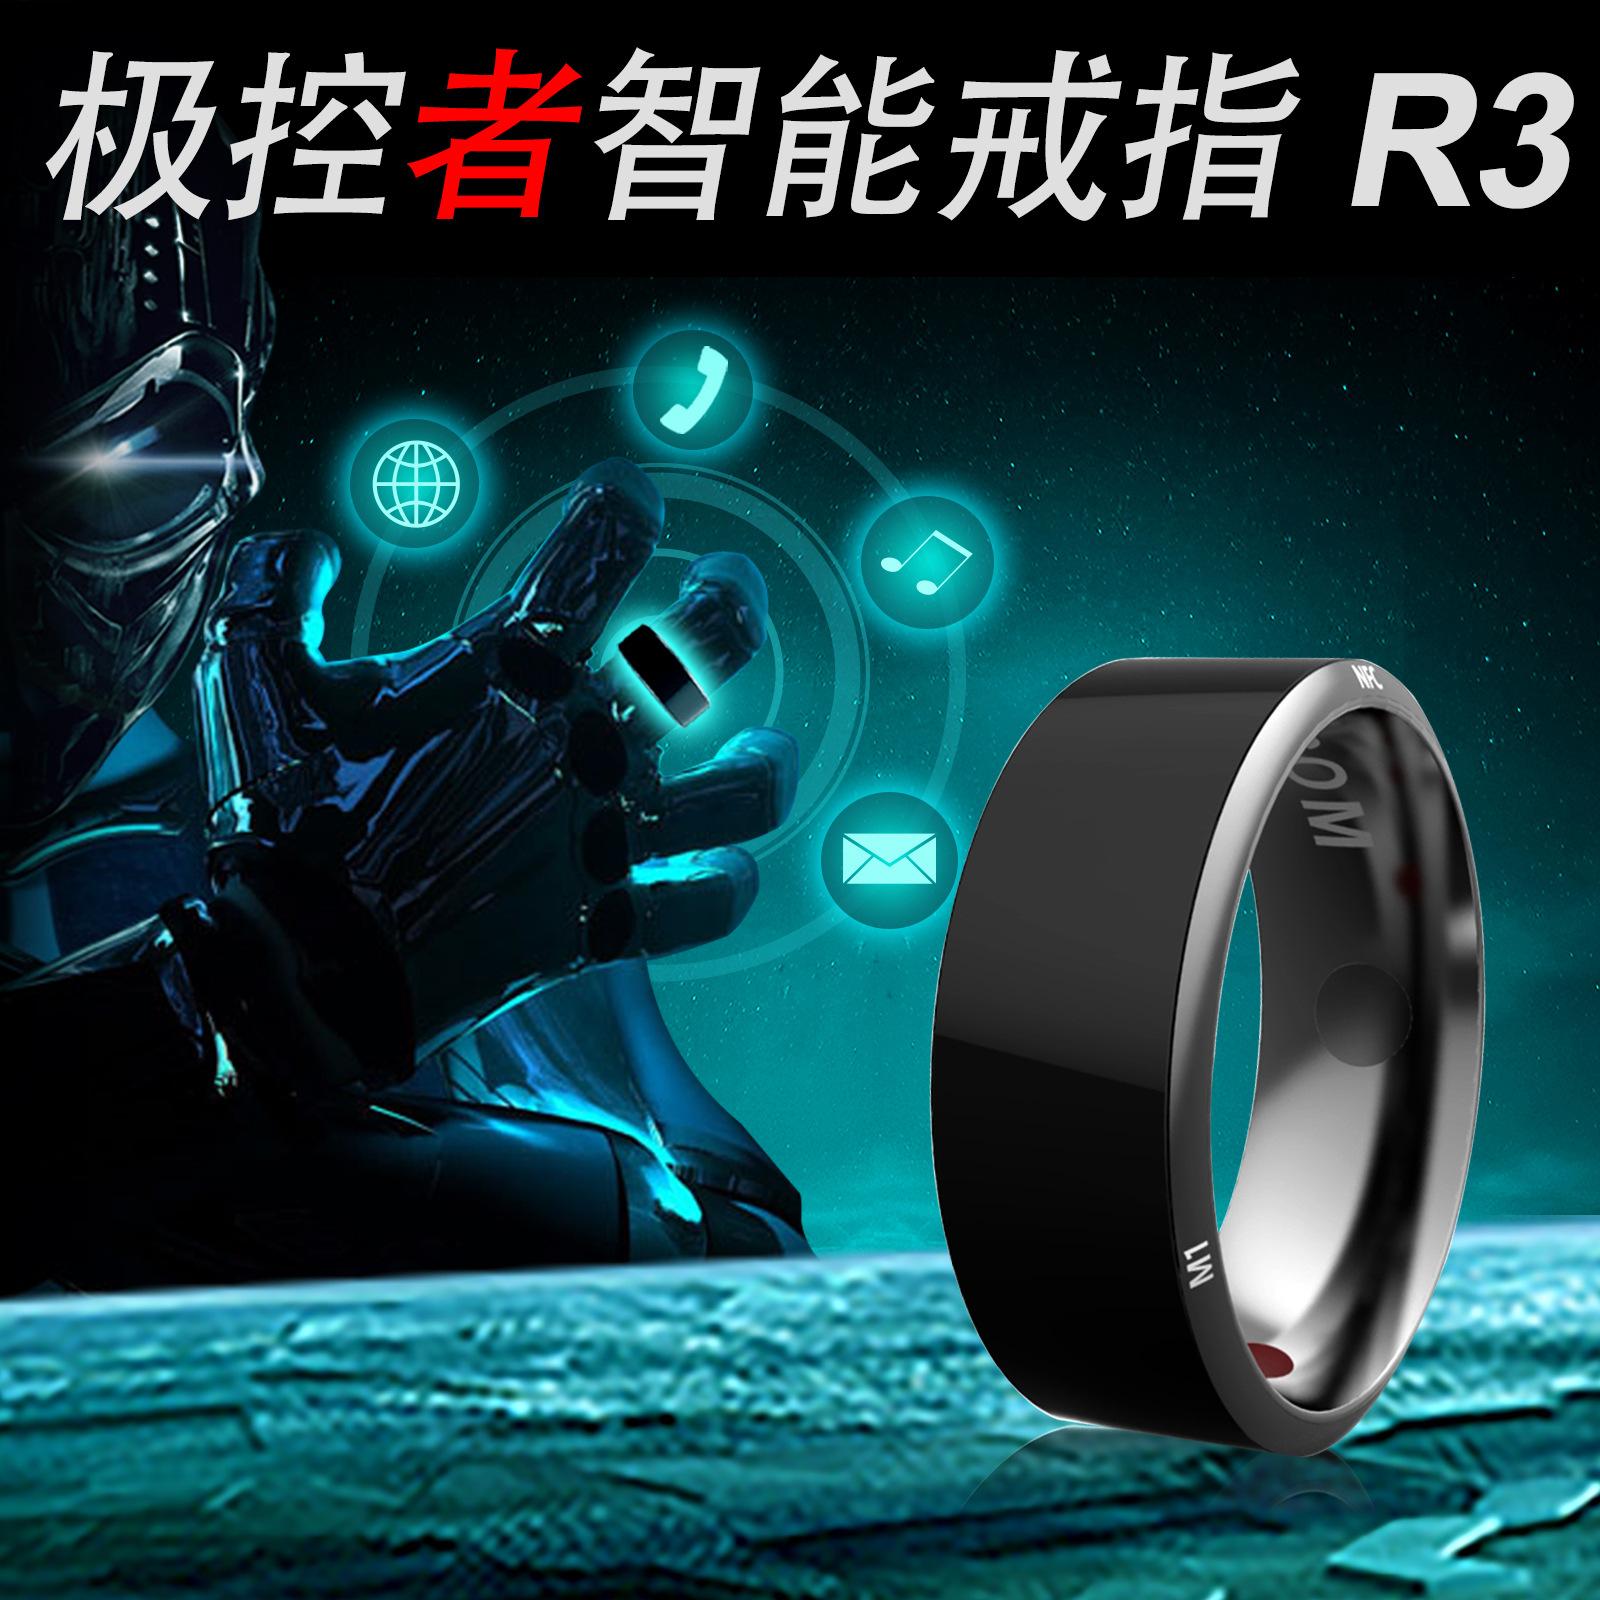 极控者R3 R3F智能戒指nfc指环黑科技魔戒智能穿戴ID IC卡设备